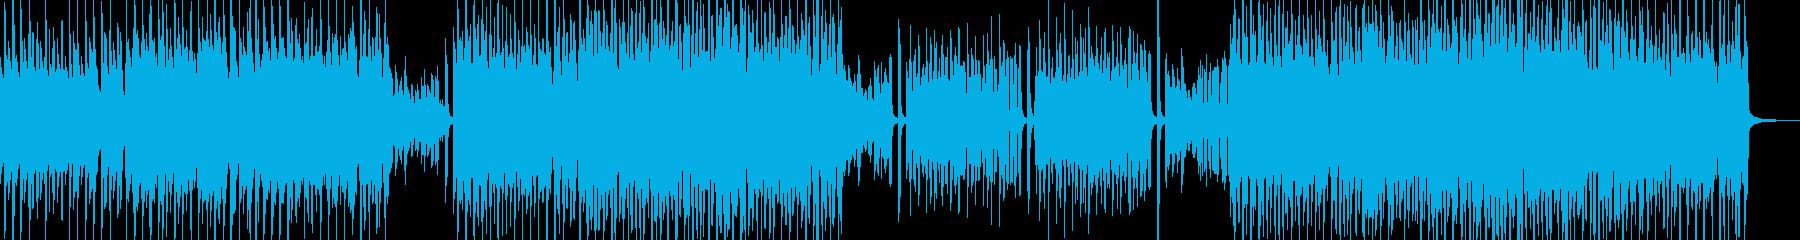 アイディア紹介動画・スィングポップ Hの再生済みの波形